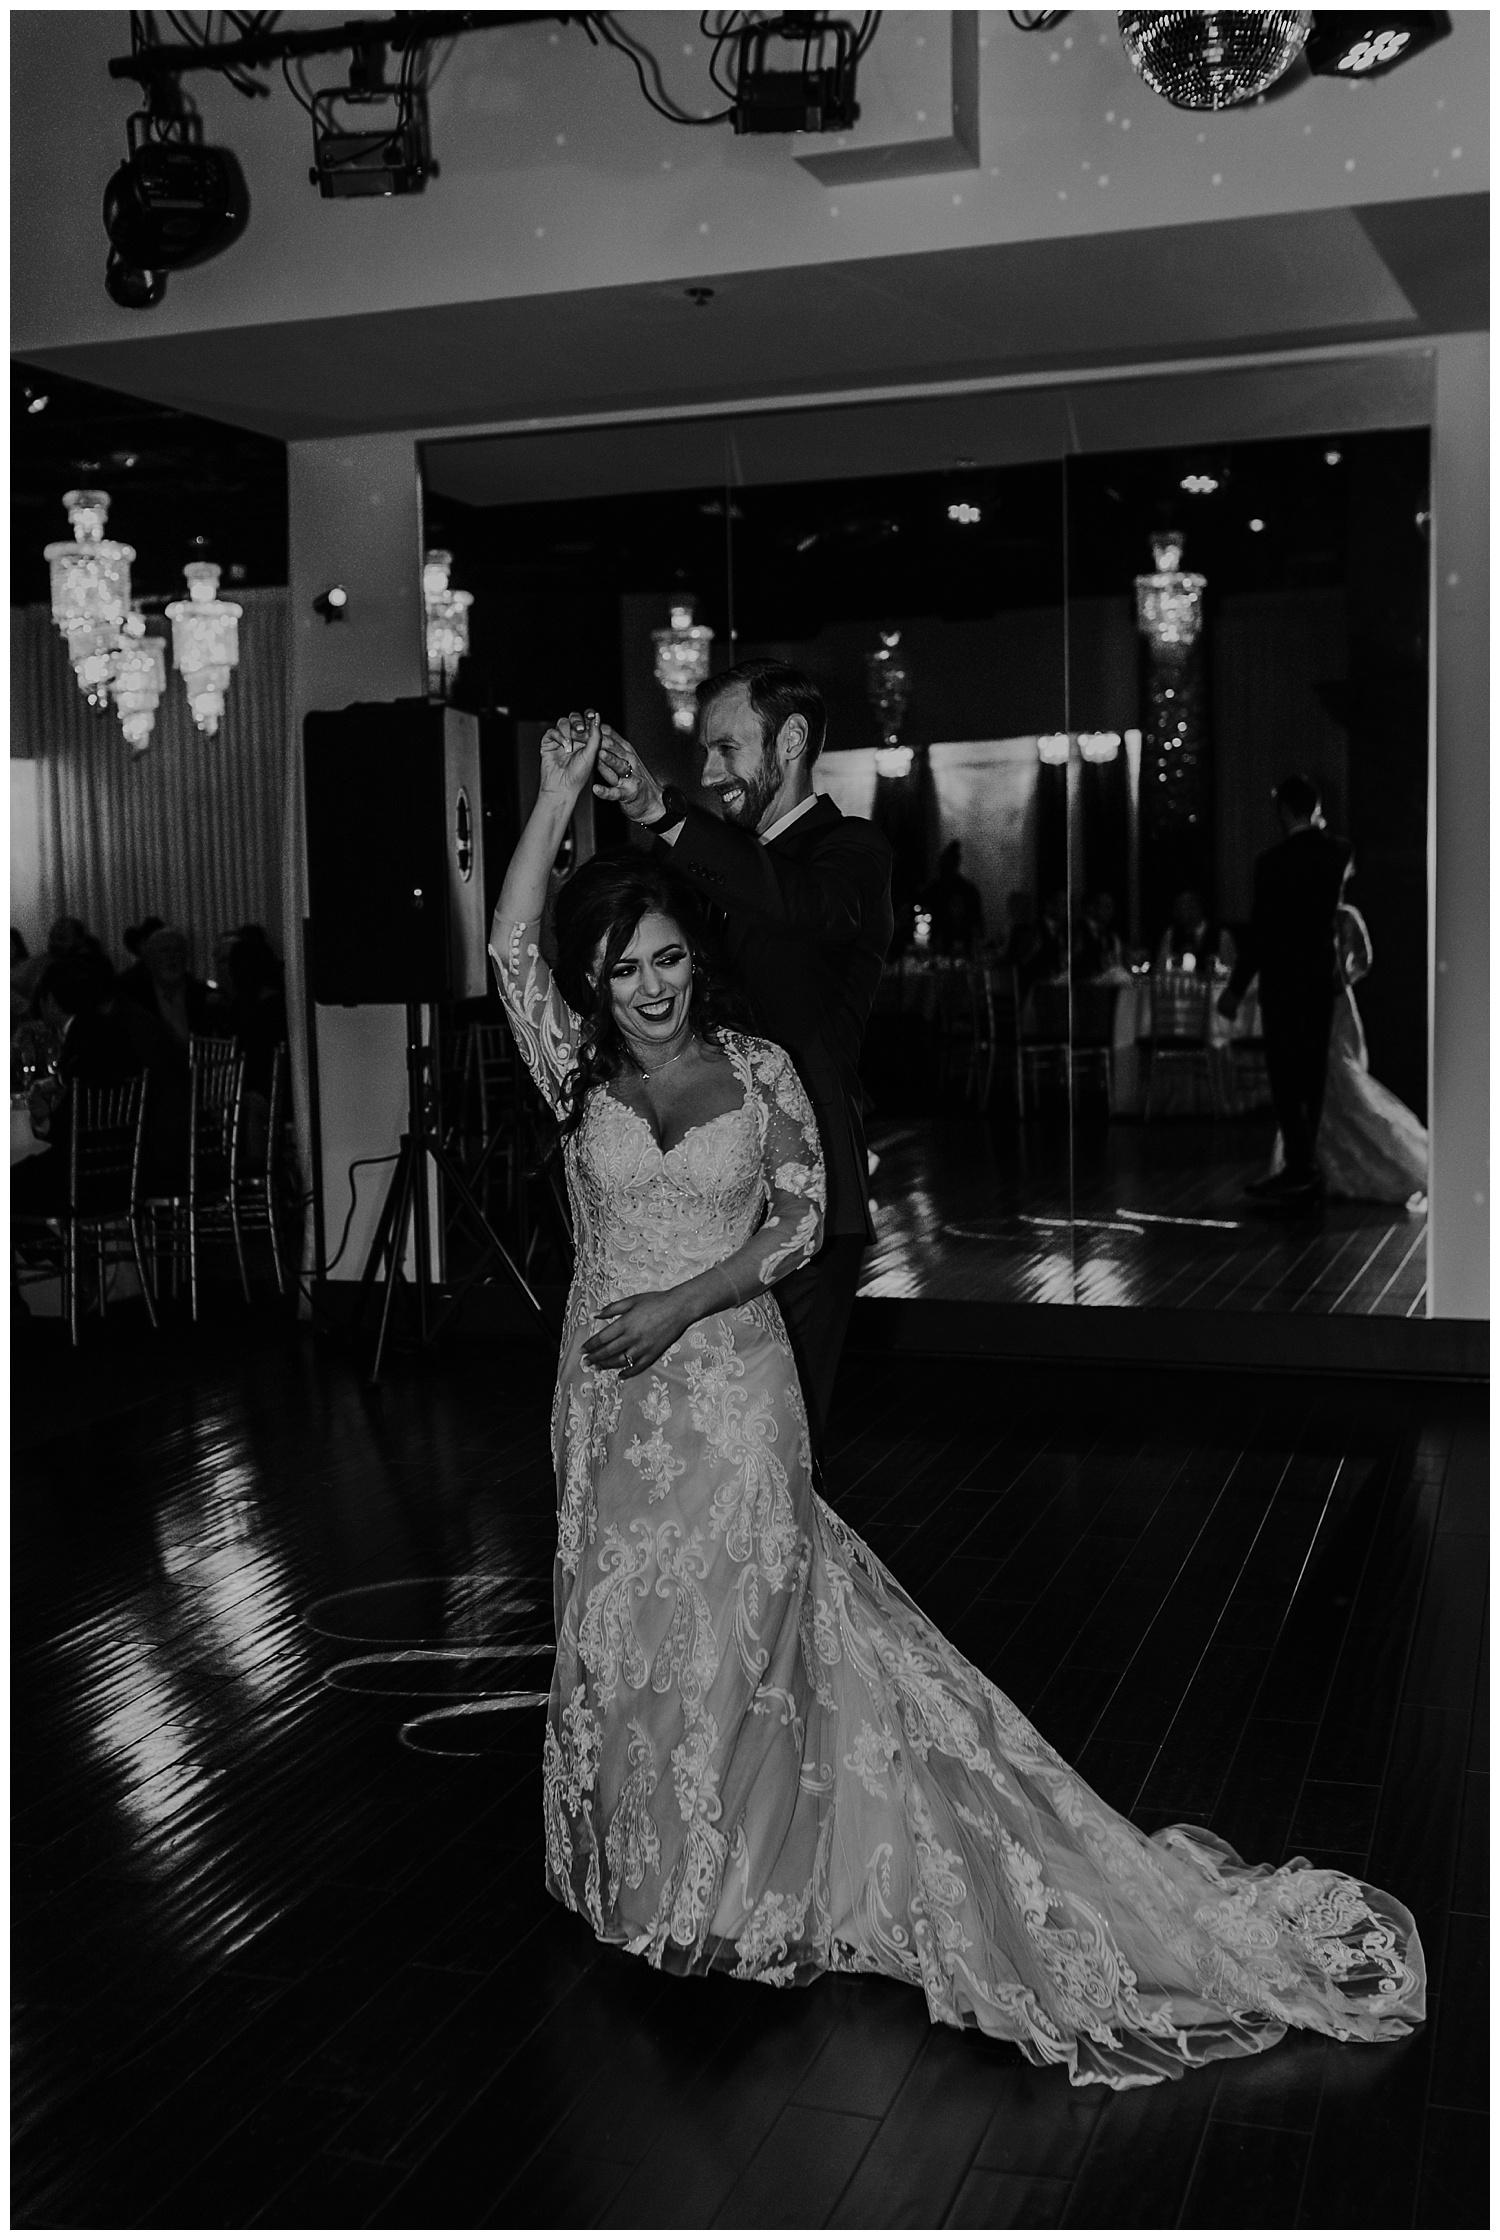 Laken-Mackenzie-Photography-Ulrich-Wedding-Piazza-In-the-Village-Dallas-Fort-Worth-Wedding-Photographer18.jpg